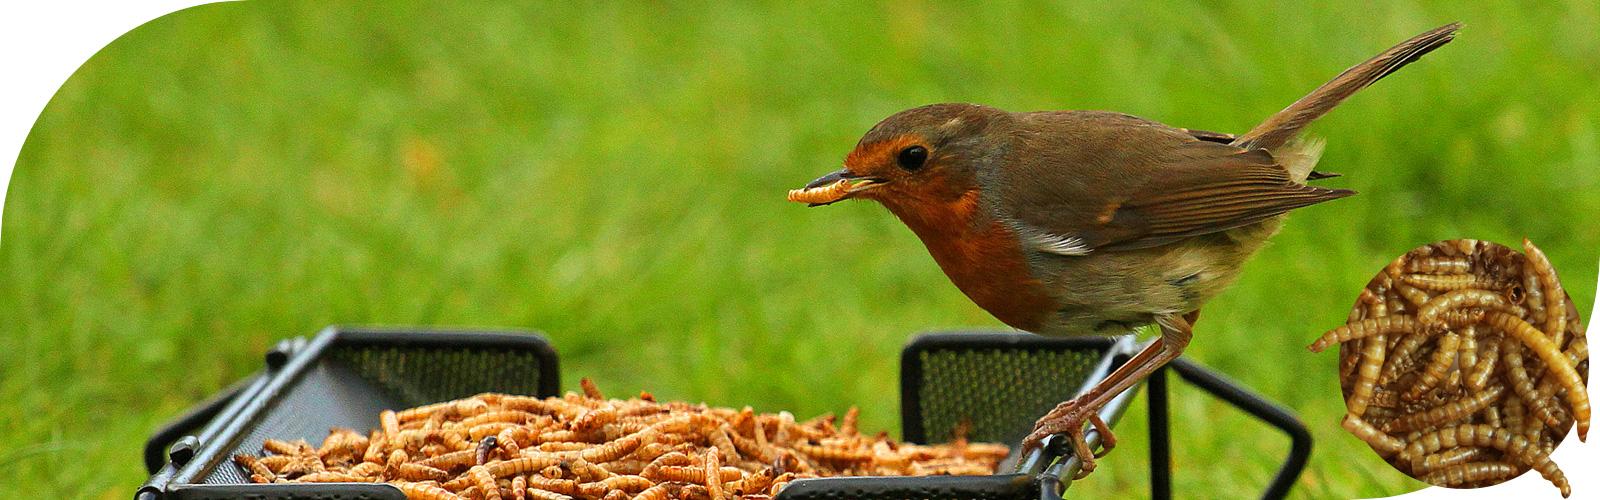 Meelwormen - Vogels kunnen deze delicatesse niet weerstaan